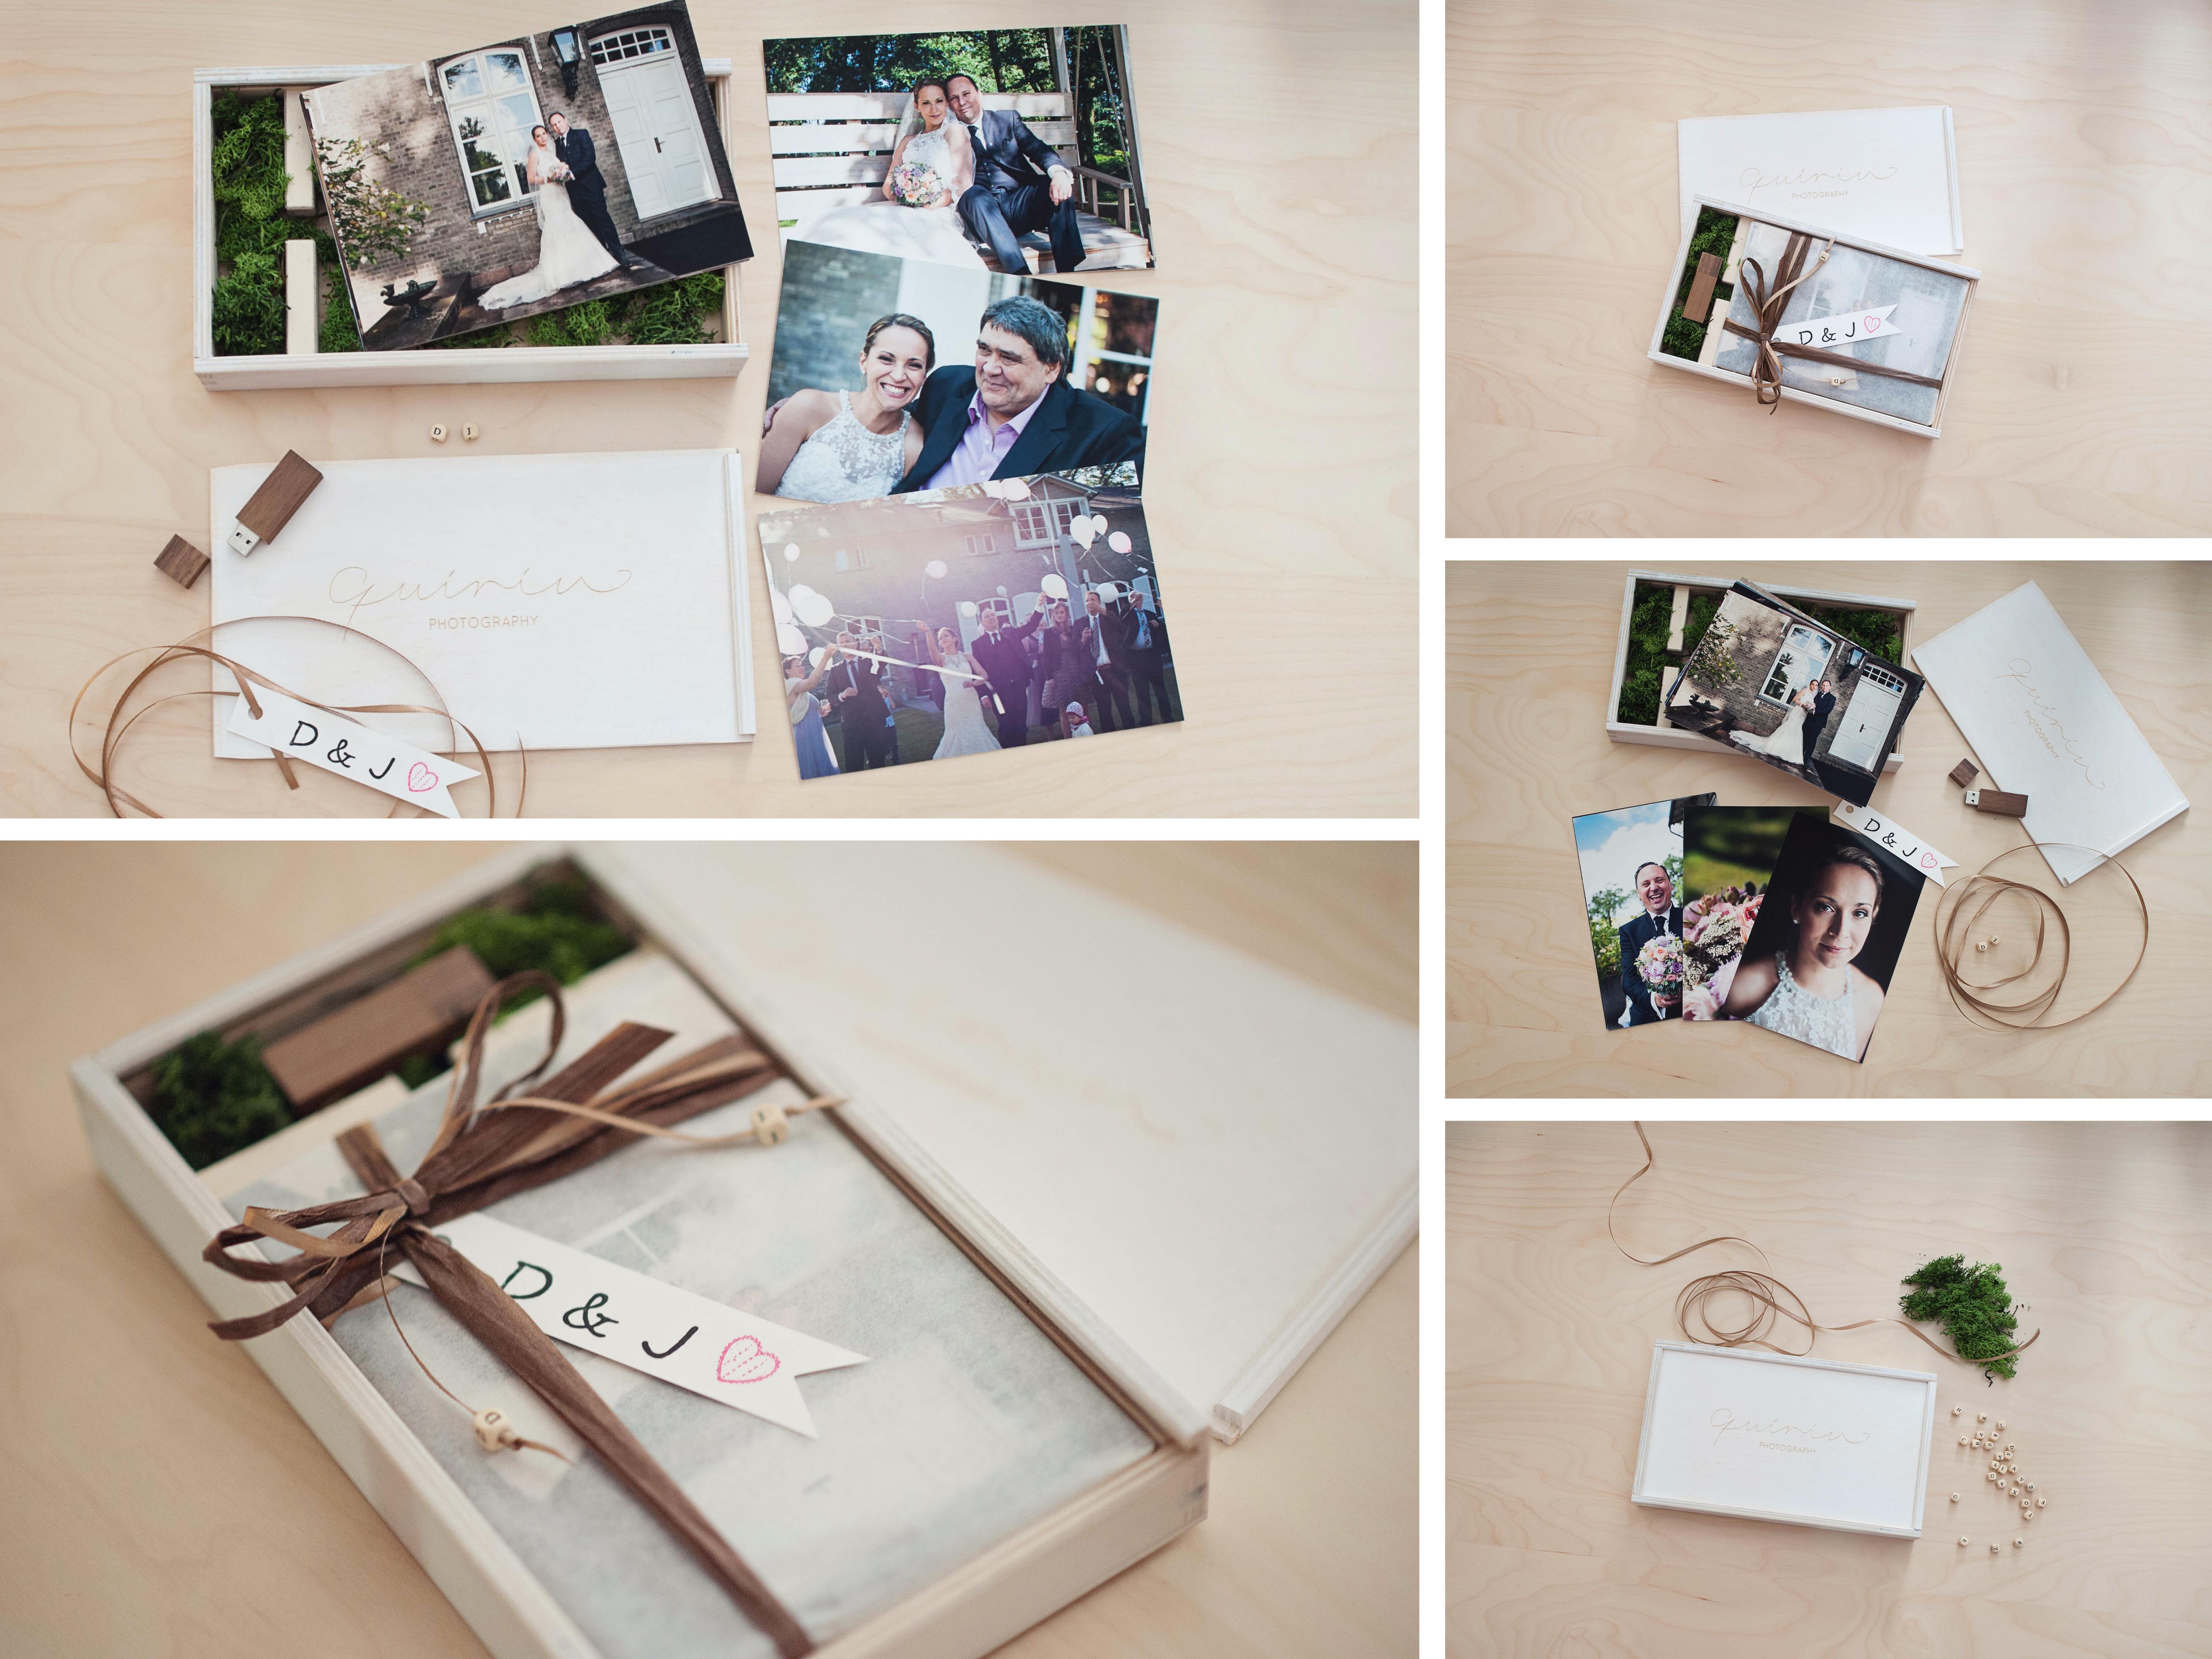 Eine Holzbox zur Übergabe eurer Bilder